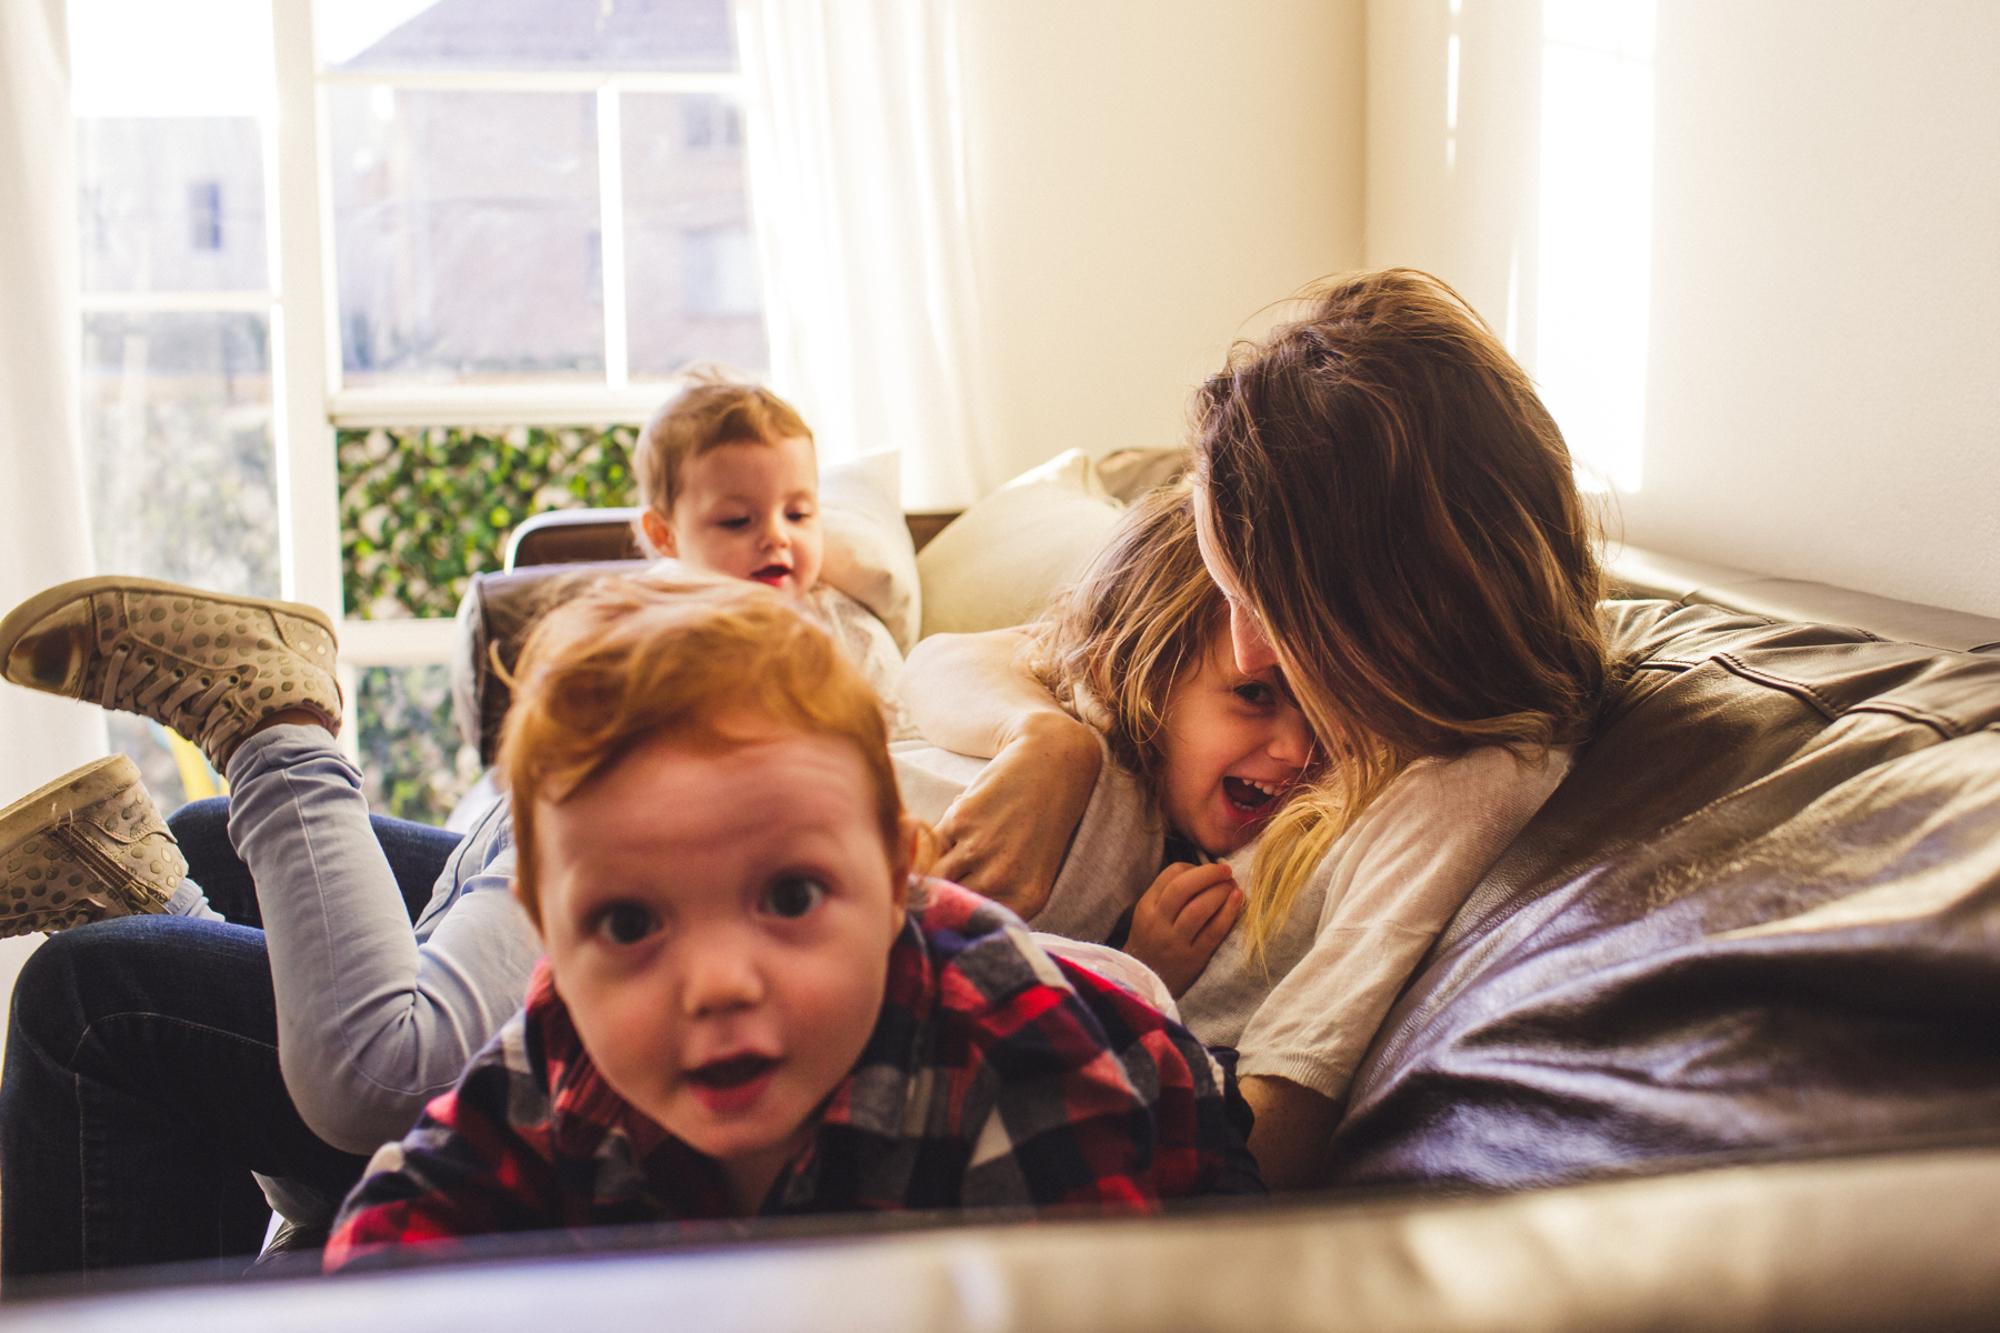 Authentic Family Photo